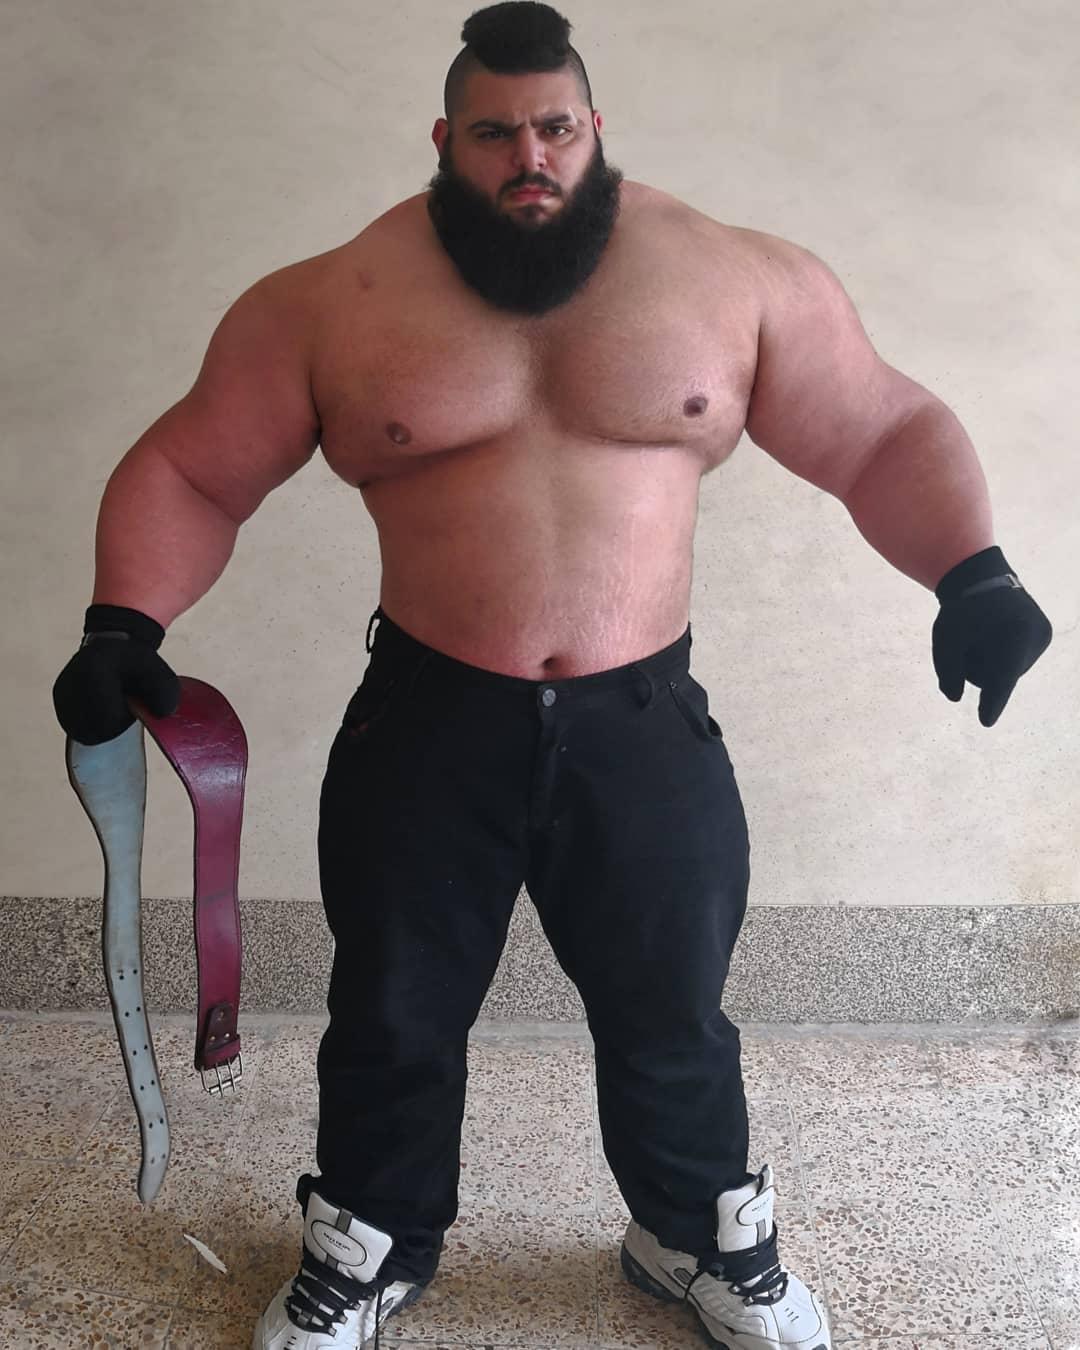 【超筋肉】イランのリアル超人ハルク、ワイ虚弱ニキ喧嘩したら一秒で殺されそう・・・・・(画像)・3枚目